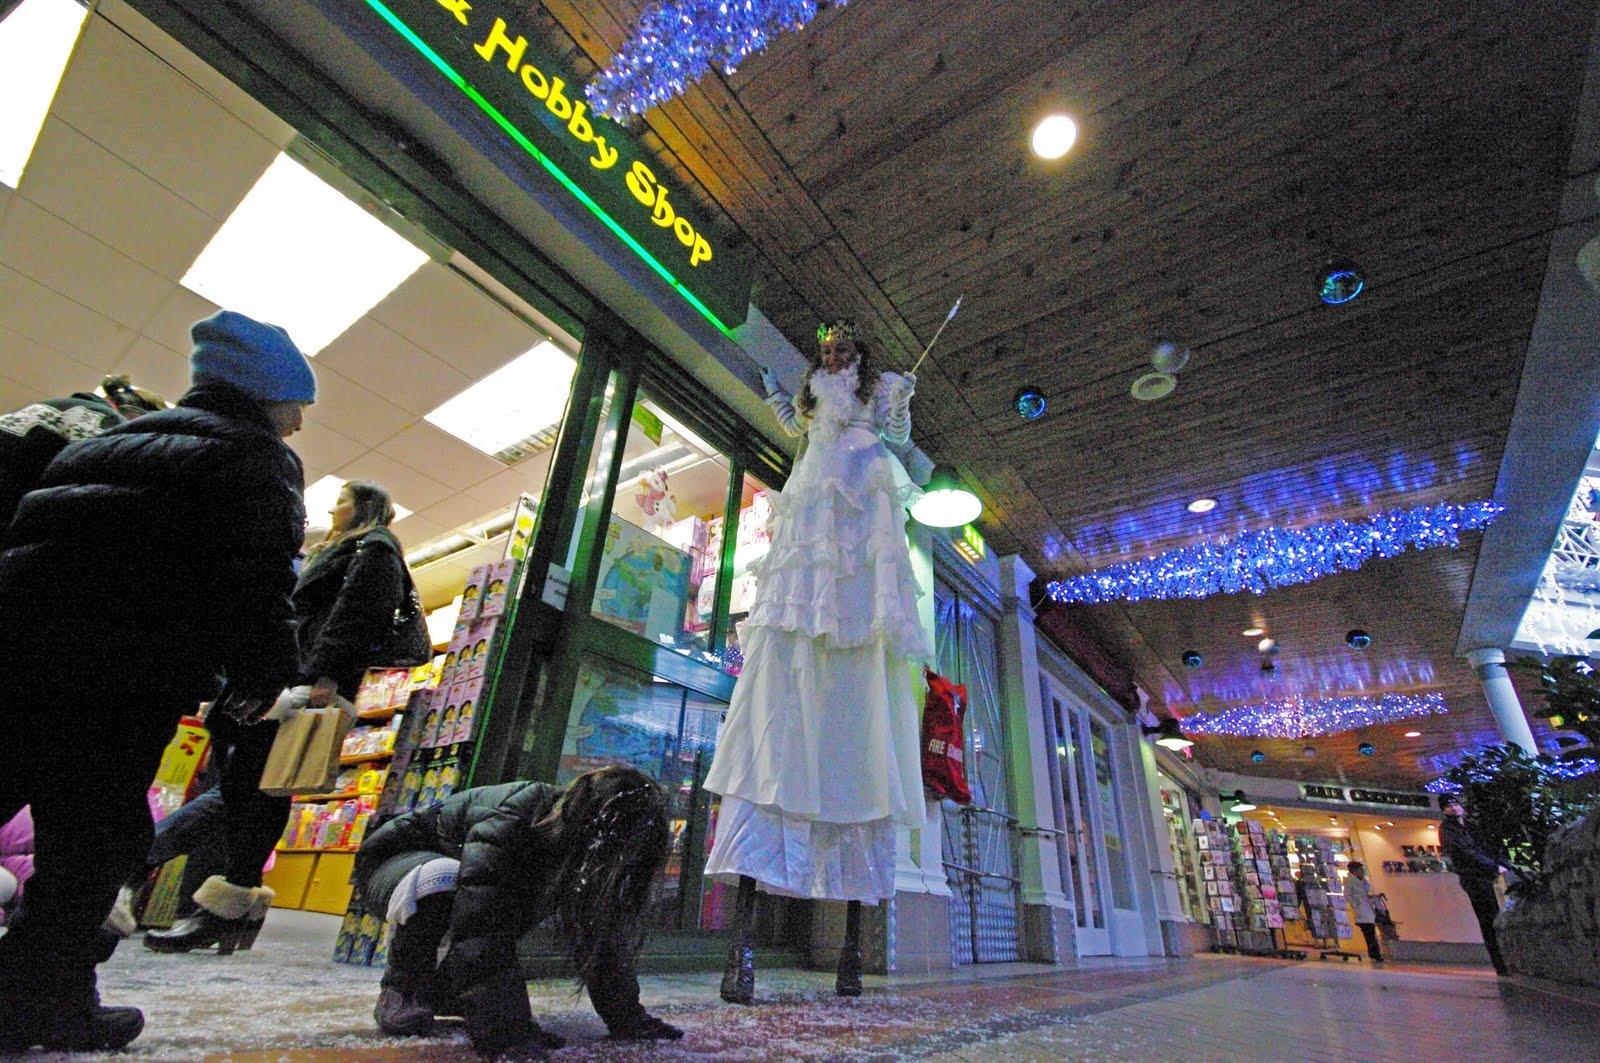 http://4.bp.blogspot.com/_Z2Q-GrUoY5U/TQ3rGgAOSCI/AAAAAAAAAPI/P1qxI7u34ZY/s1600/giantess.jpg